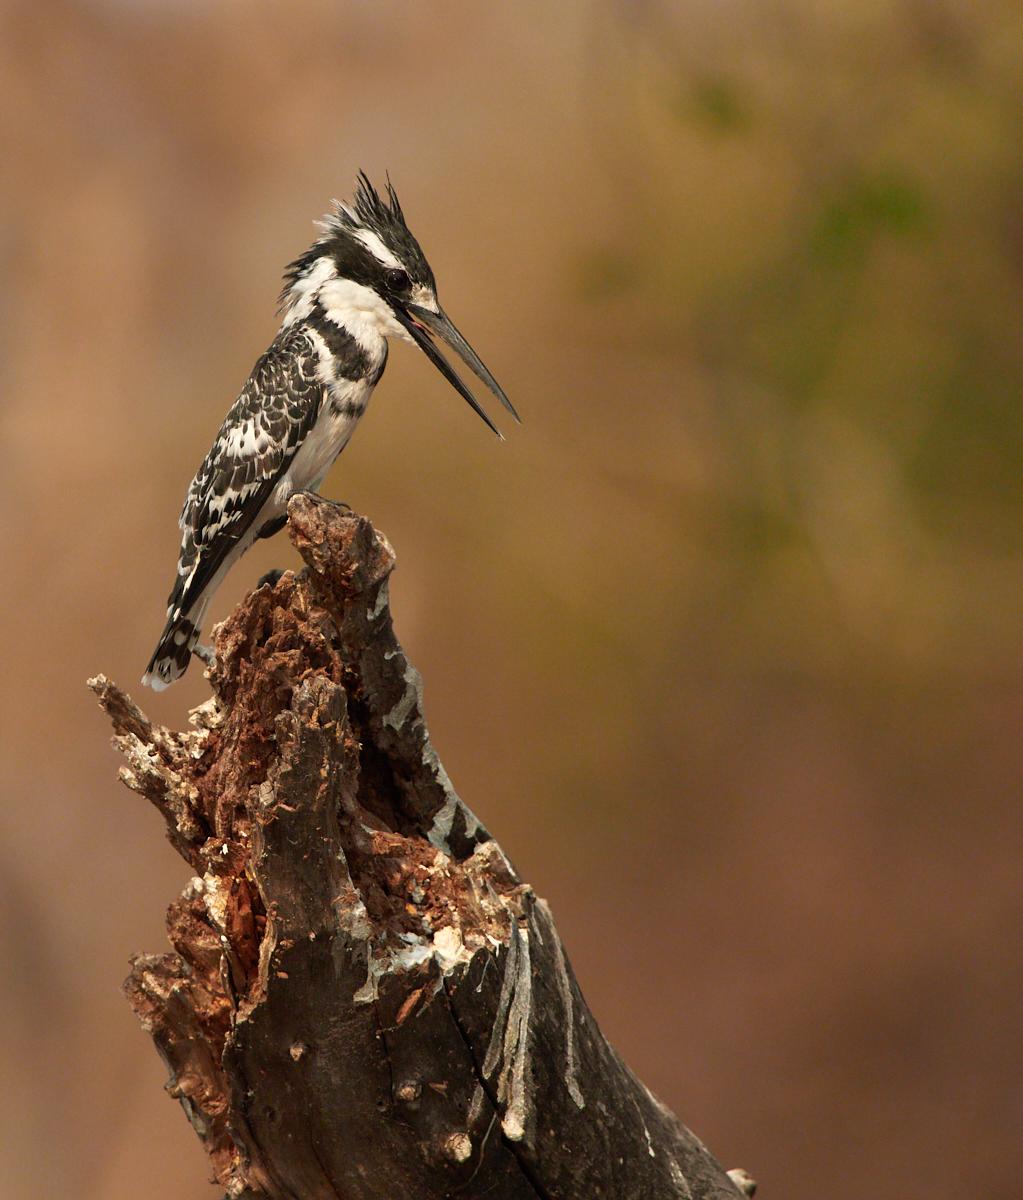 Pied kingfisher 1600x1200 sRGB.jpg